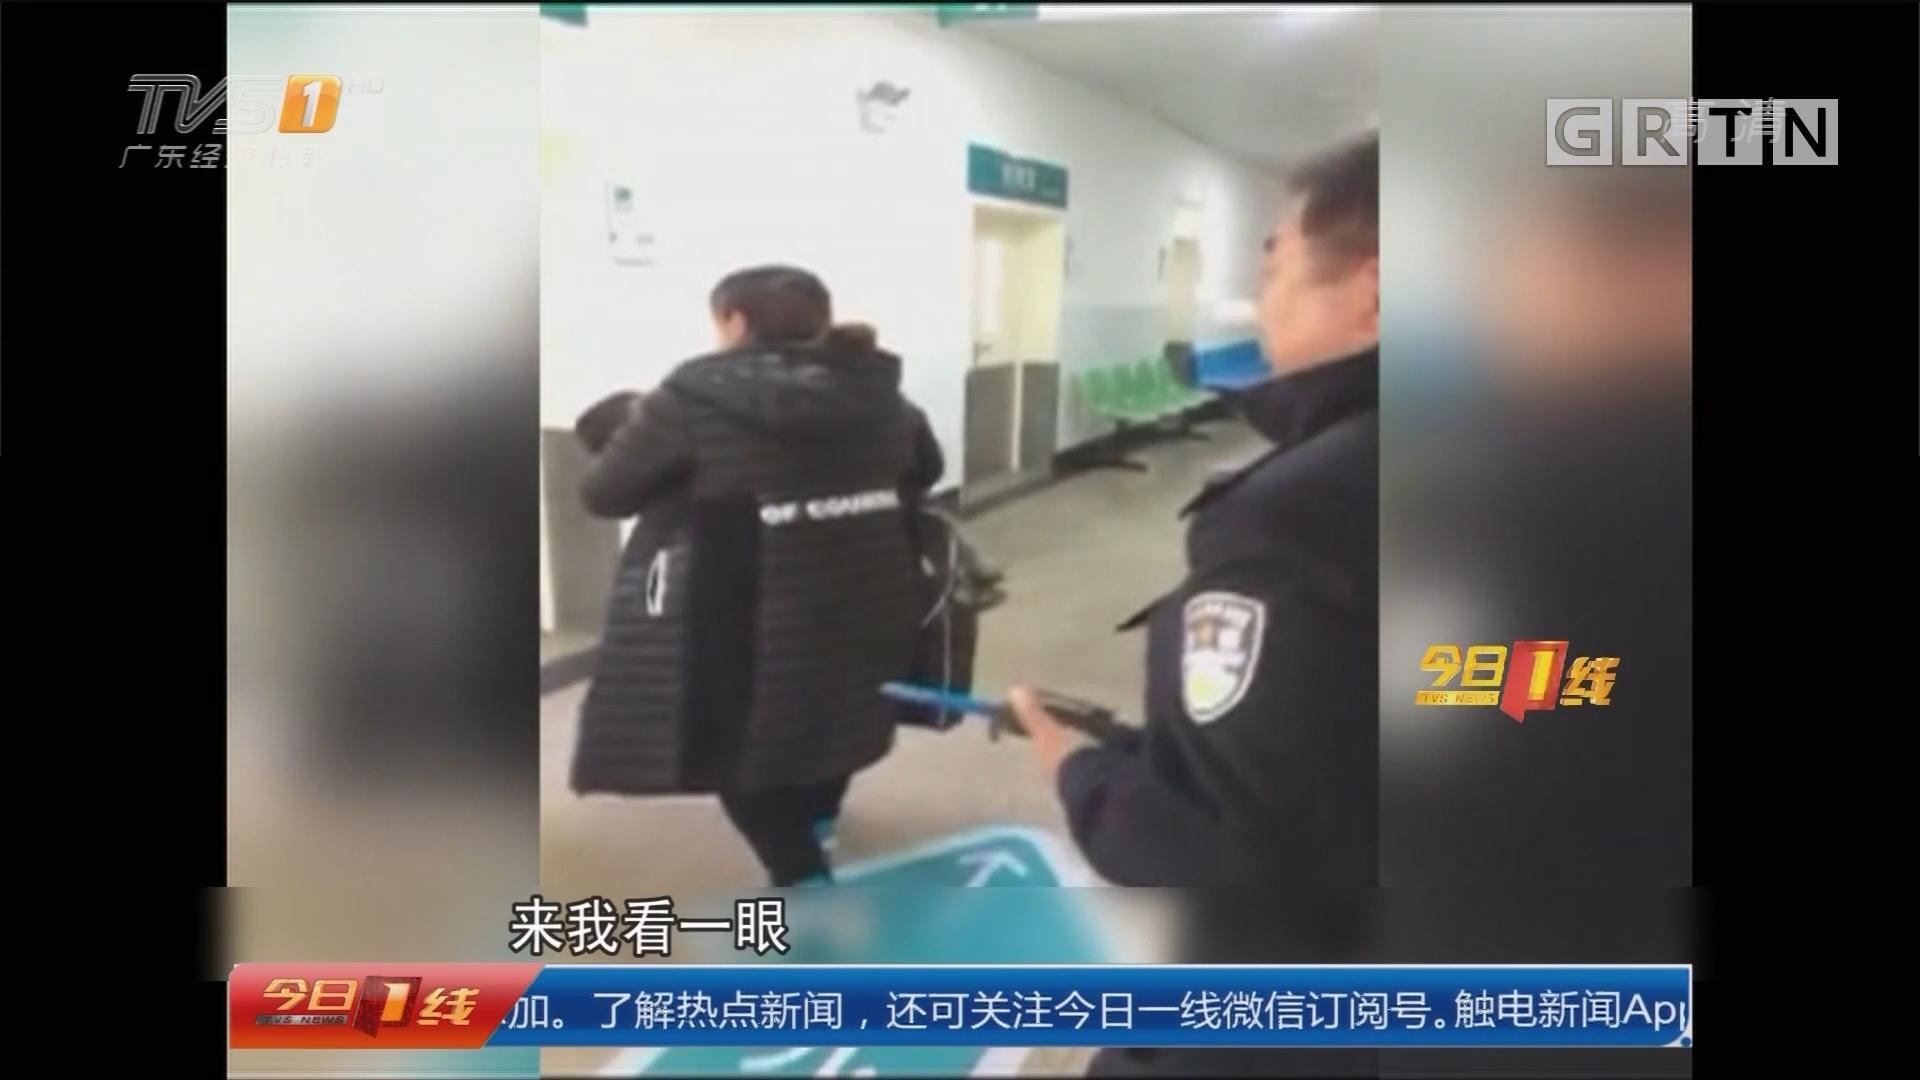 秦皇岛:小孩玩刀被割伤急送医 交警开辟救援通道